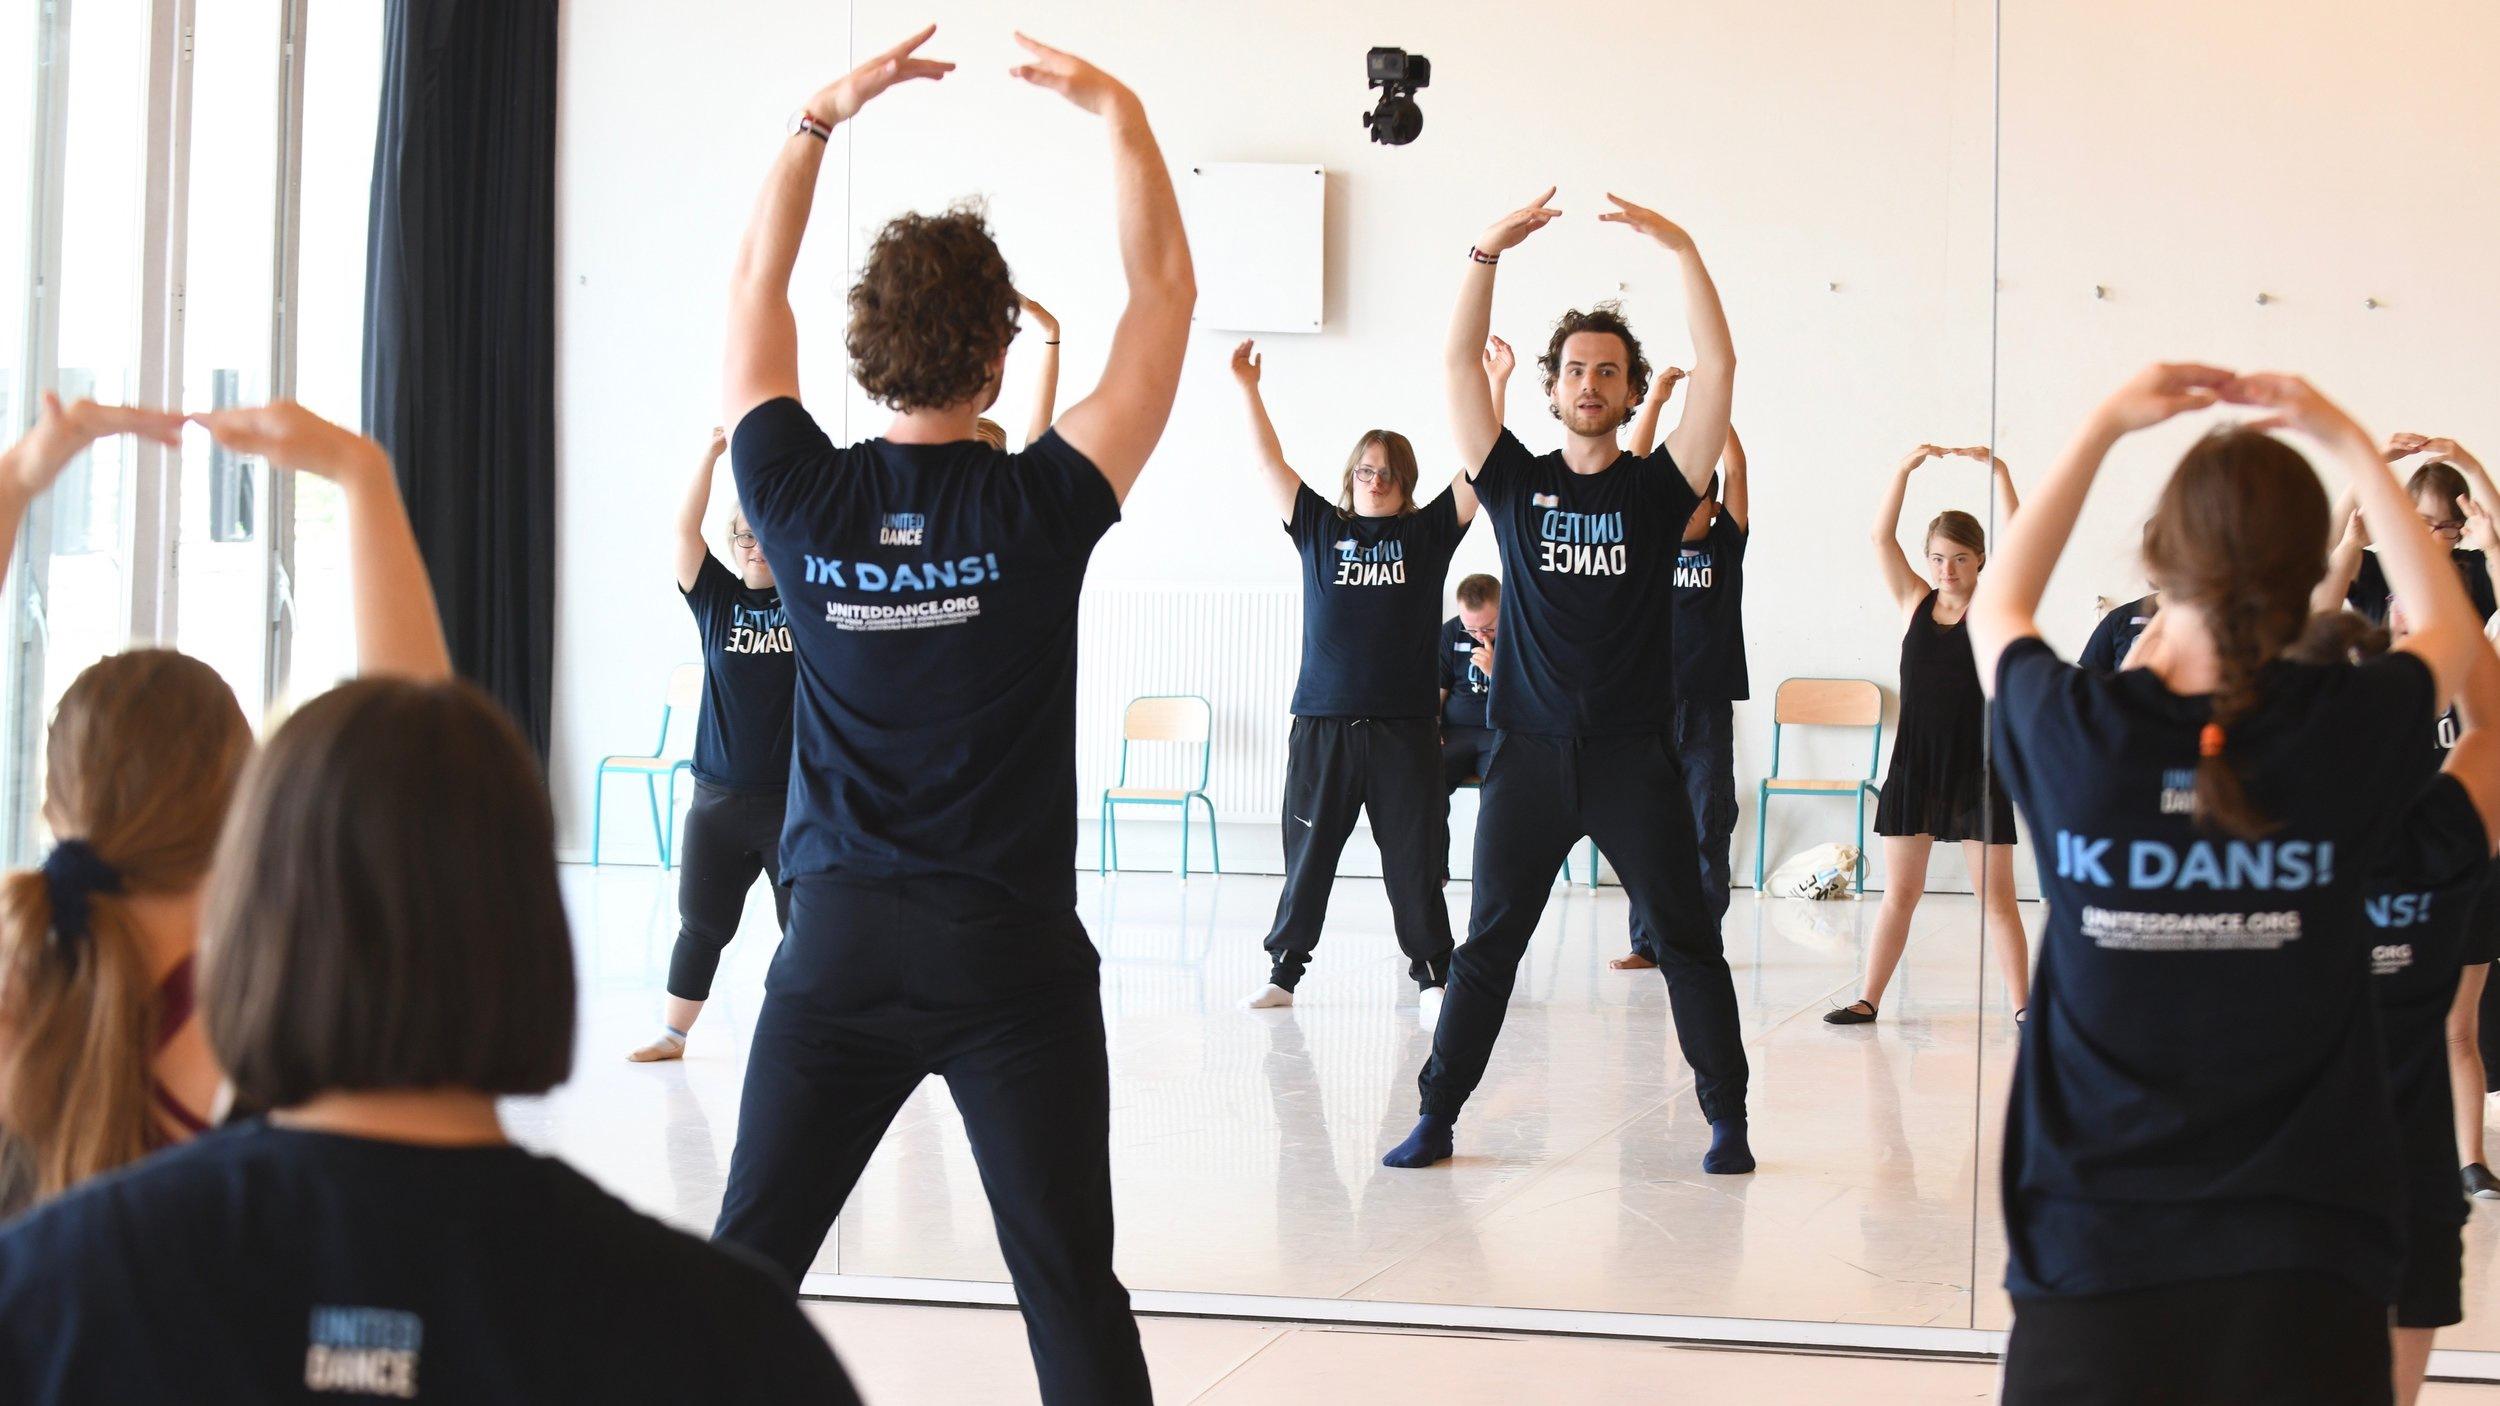 Parijs, Frankrijk - Balletschool van de Opera van Parijs, 26 - 31 augustus 2019Informatie - Inschrijving